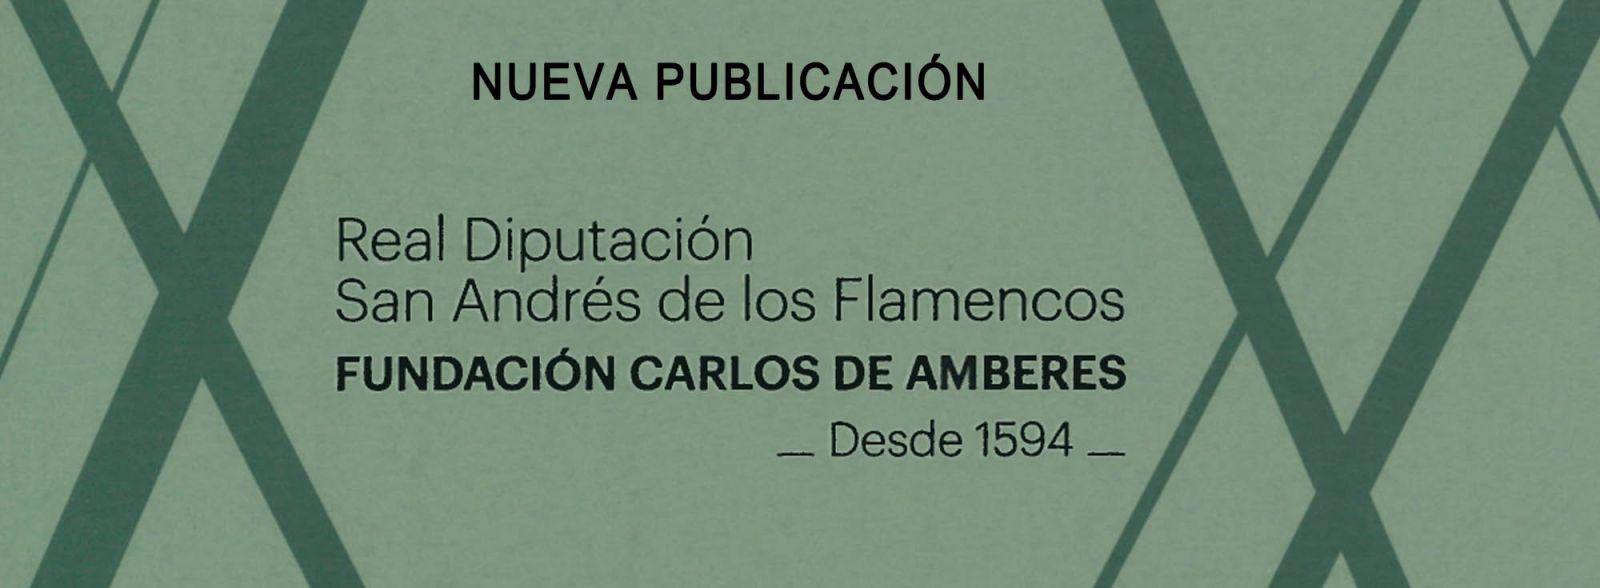 Publicación 425 Aniversario